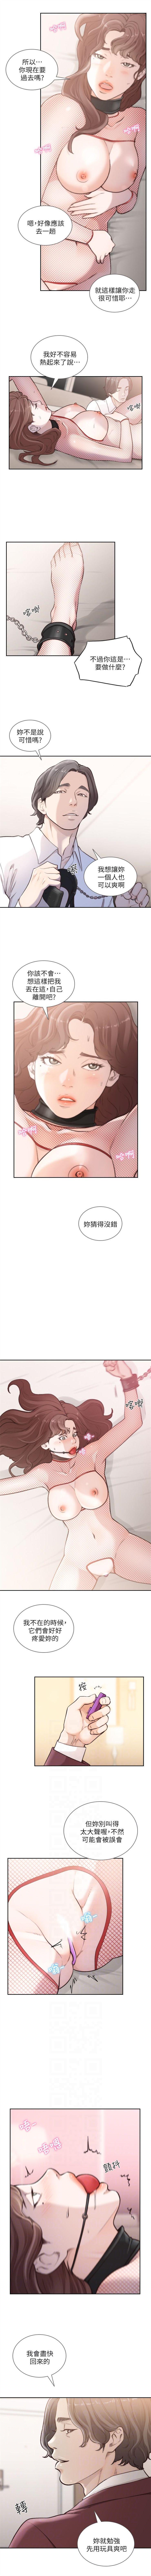 前女友 1-48 中文翻译(更新中) 211